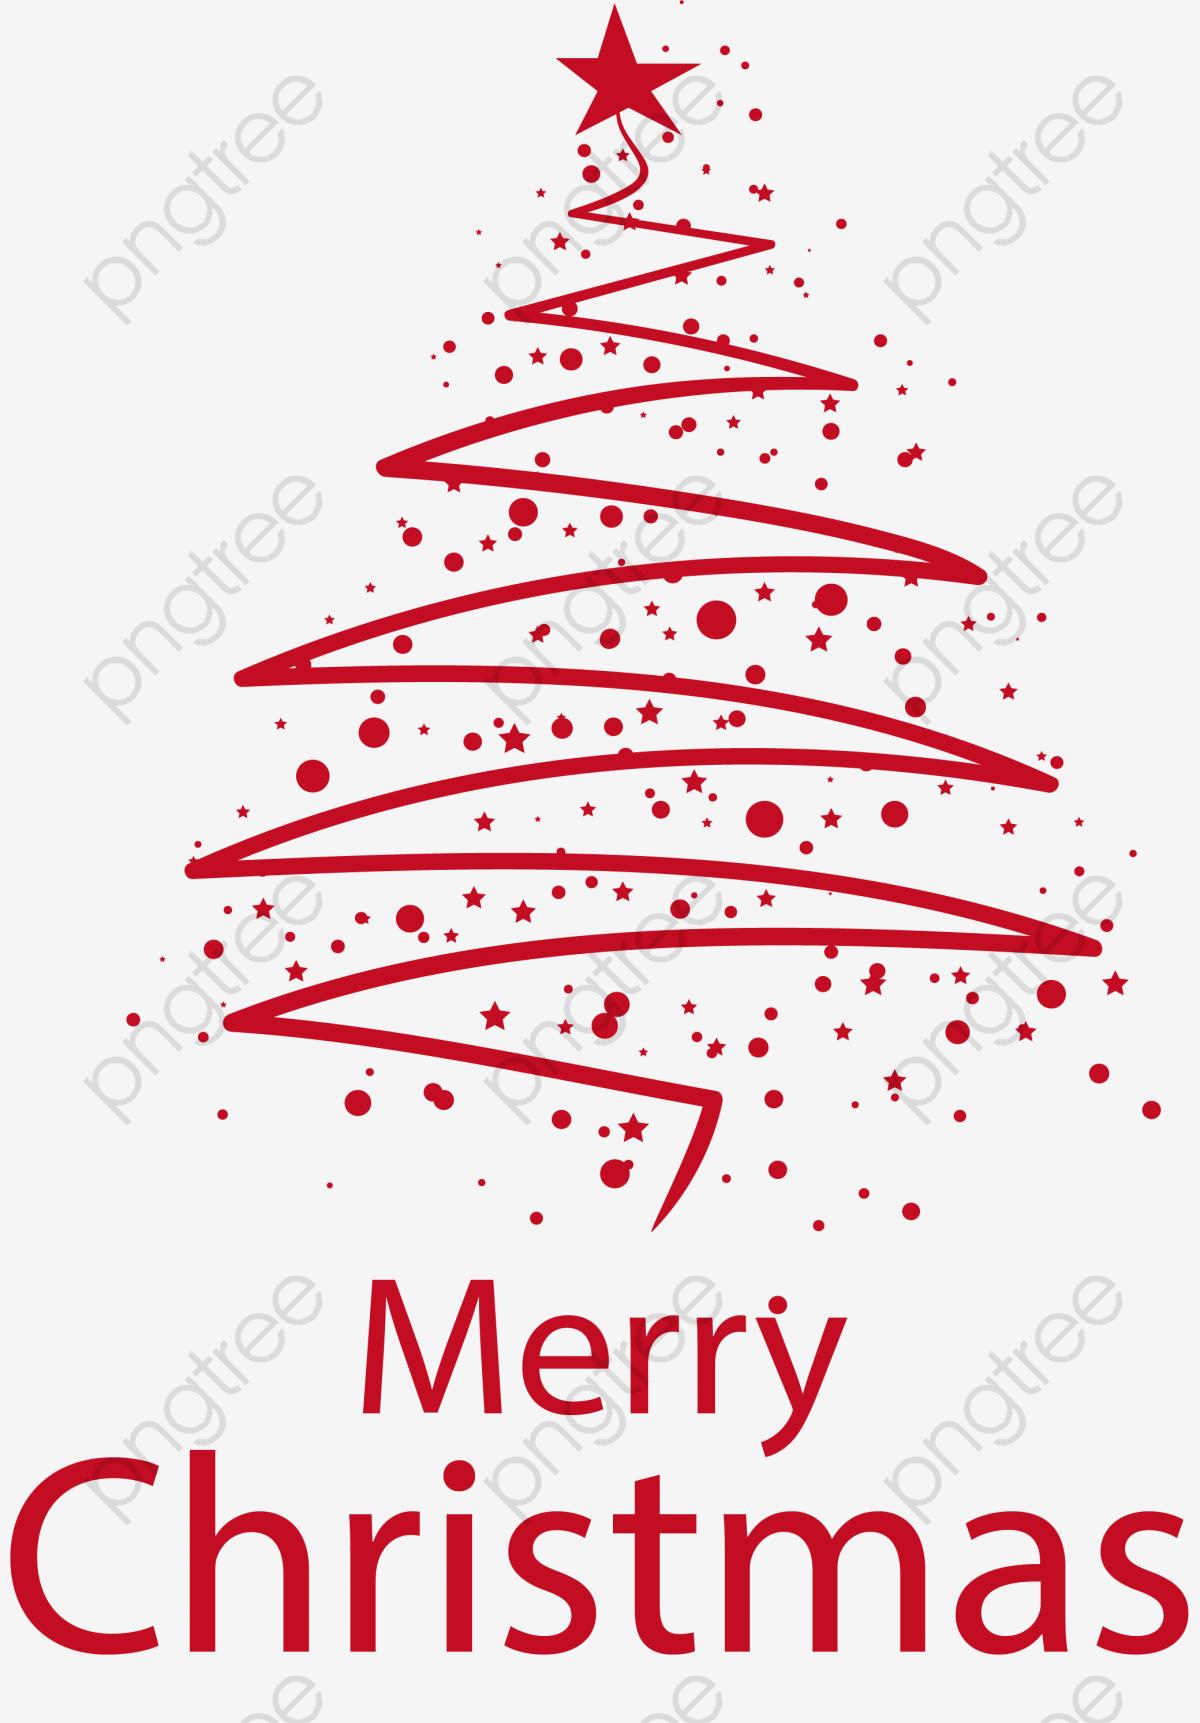 Descarga Gratuita De Navidad Roja Png Clipart Vector Png Navidad Png Y Psd Para Descargar Gratis Pngtree Navidad Png Navidad Roja Manualidades De Navidad Para Ninos